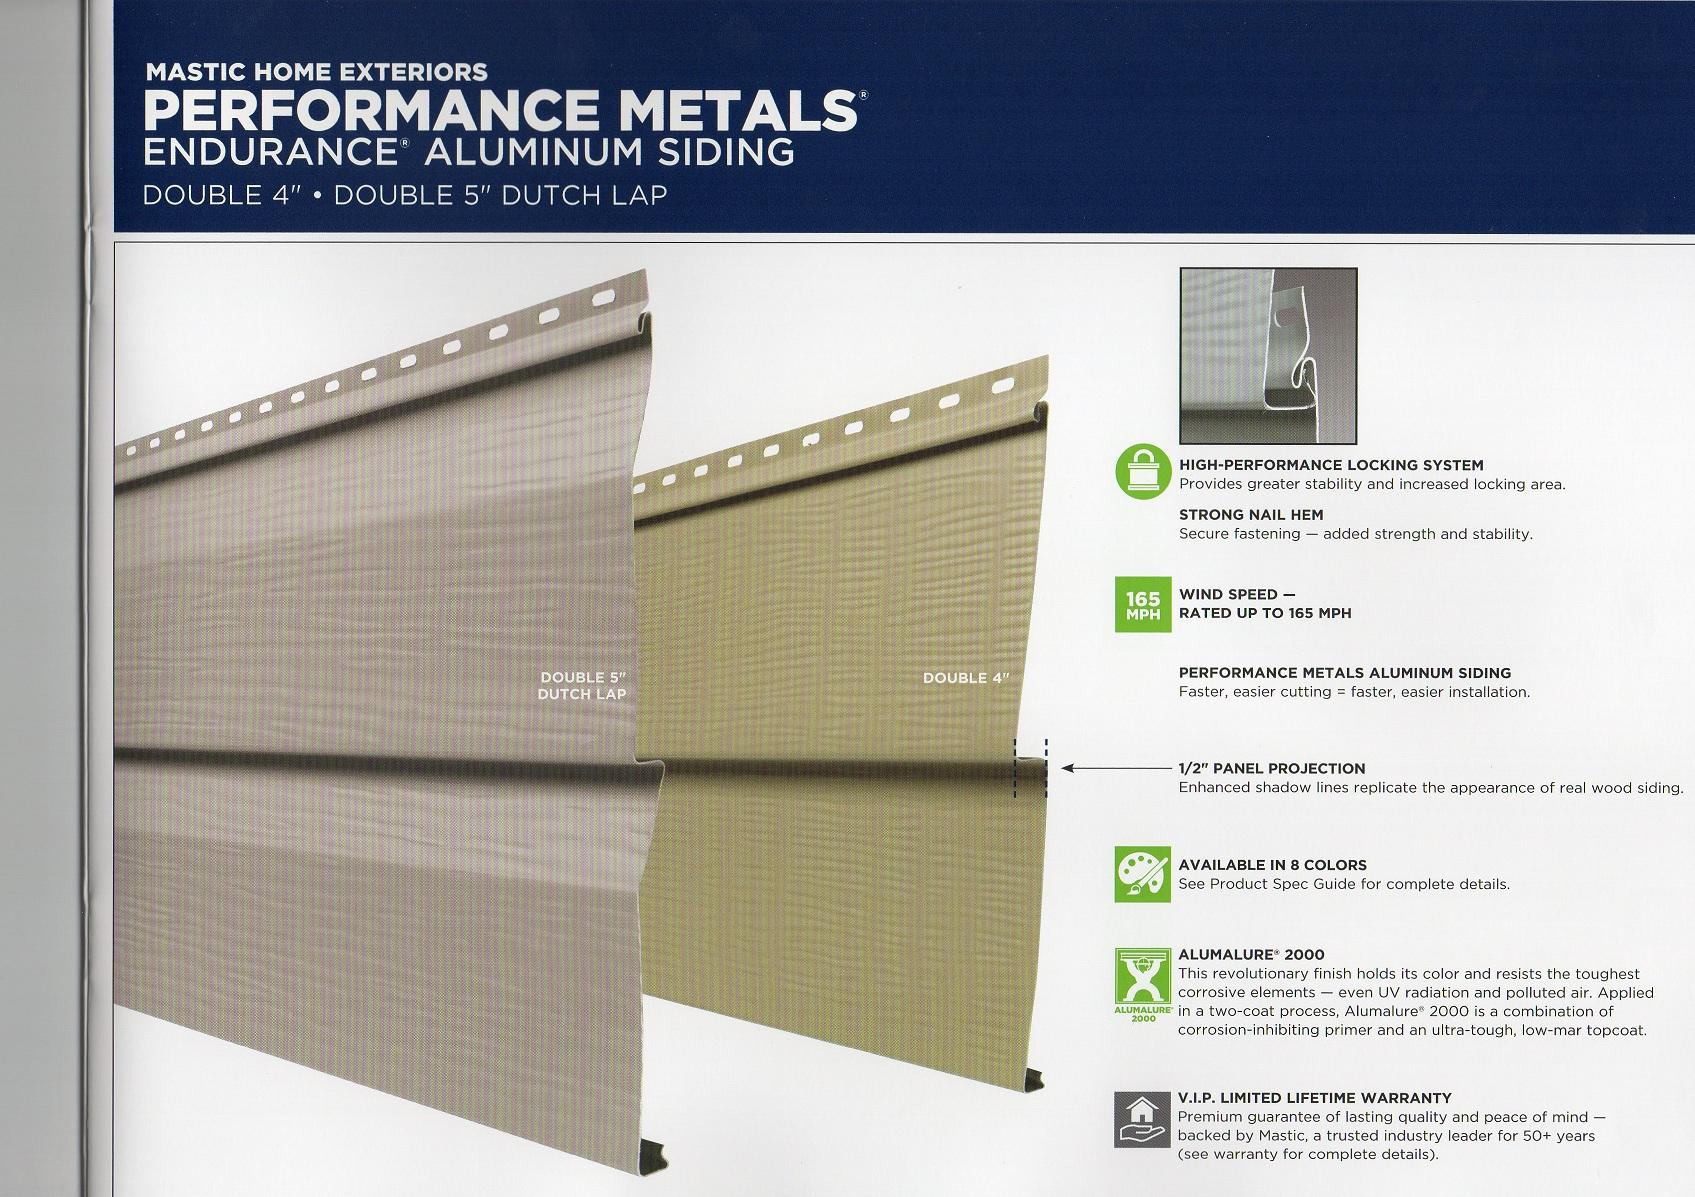 mastic exterior metals